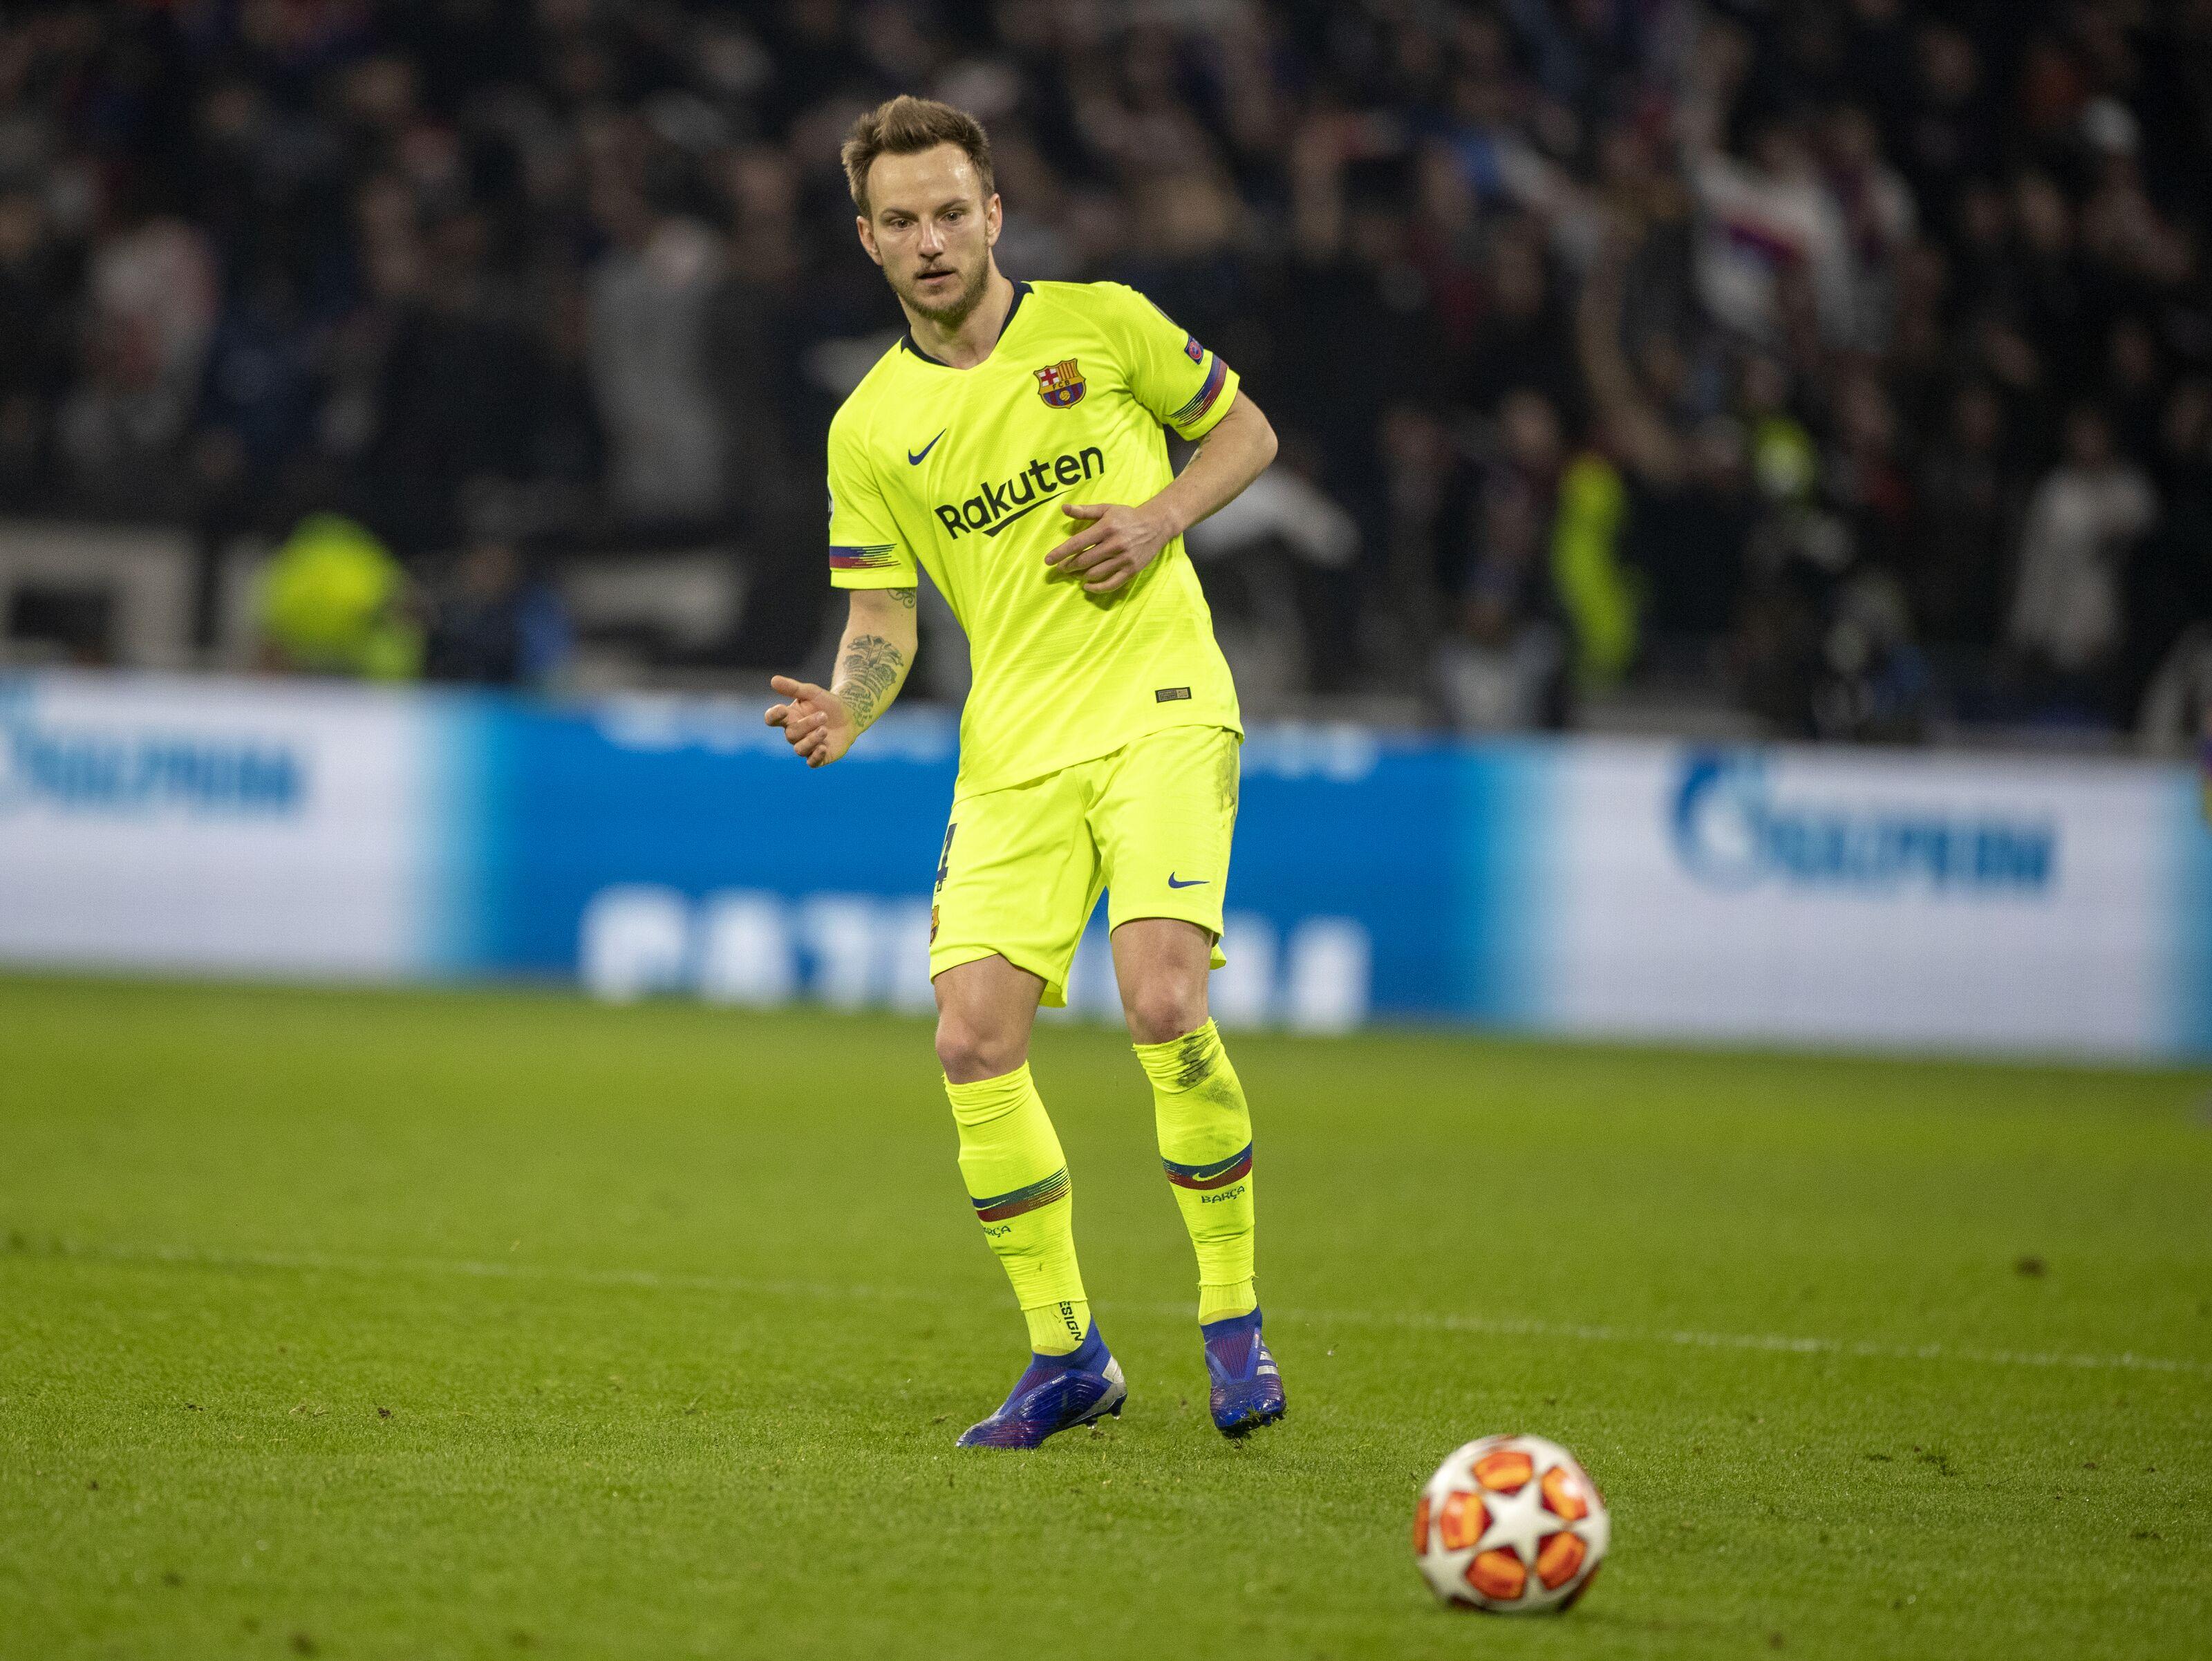 Barcelona: Questions remain over Ivan Rakitic's future